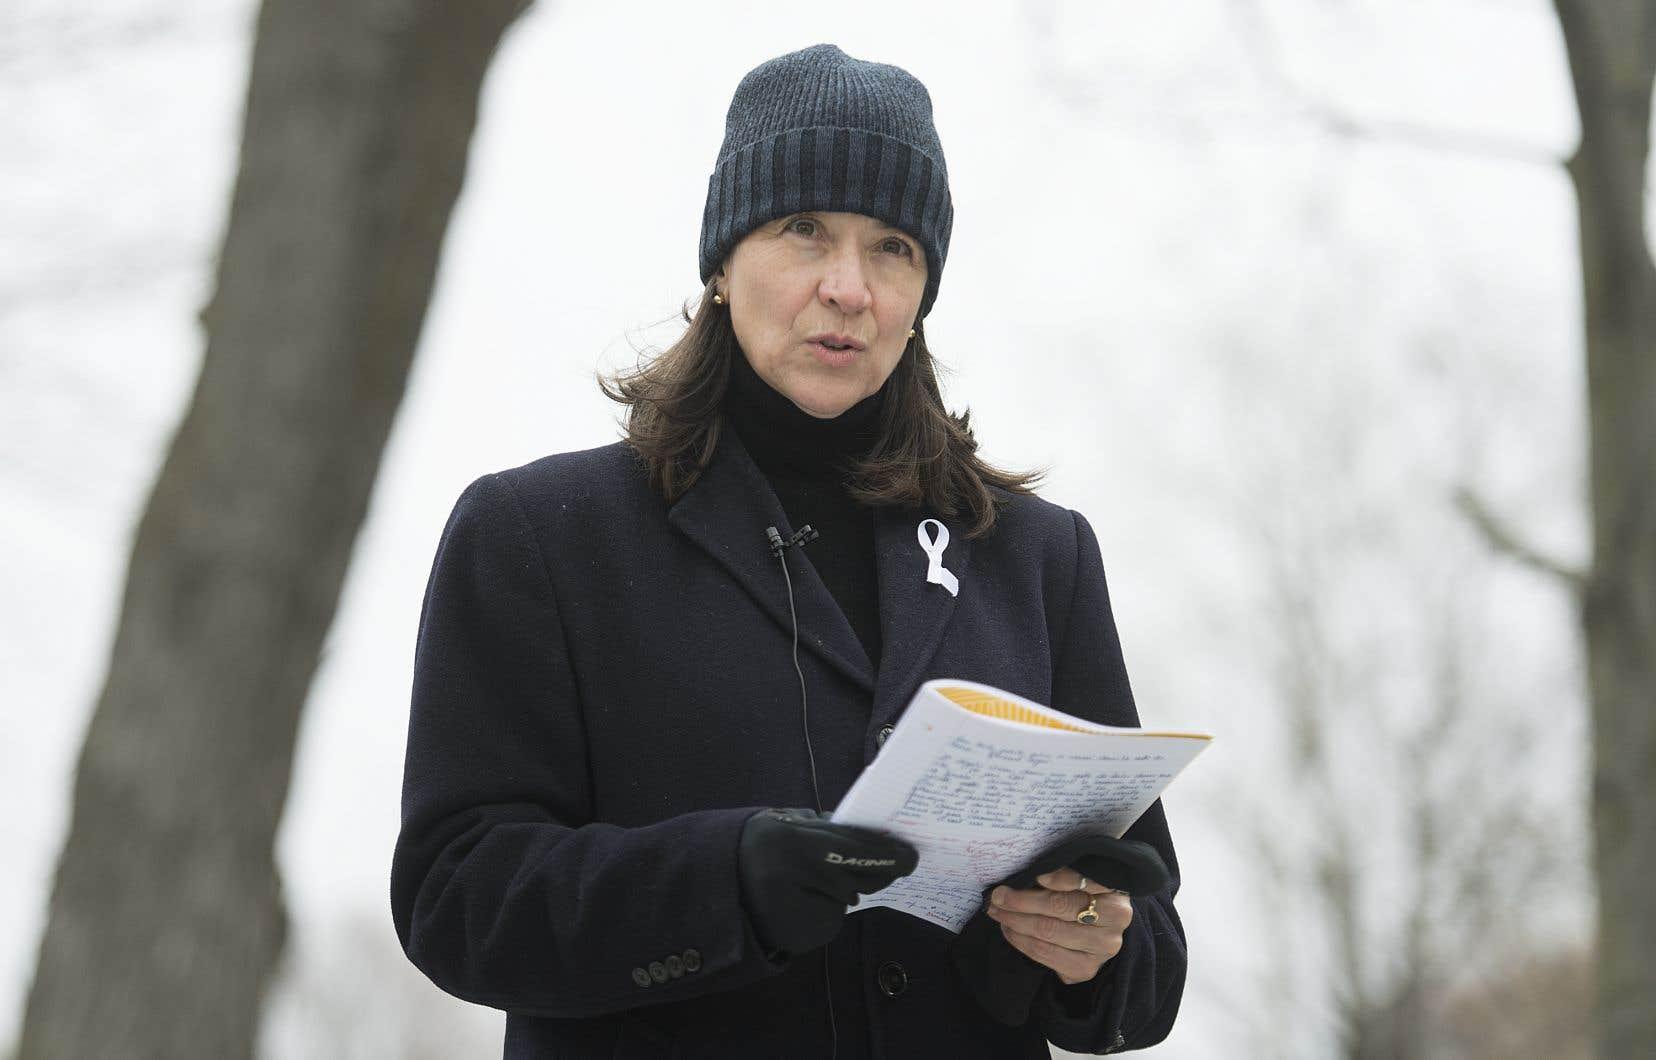 «Trente et un an après les premières demandes des étudiants de Polytechnique, juste en haut de la côte, et j'y étais, 31 ans et on demande encore des contrôles simples, des contrôles nécessaires», a dit l'une des survivantes de l'attentat, Nathalie Prévost, depuis la place du 6-Décembre-1989.